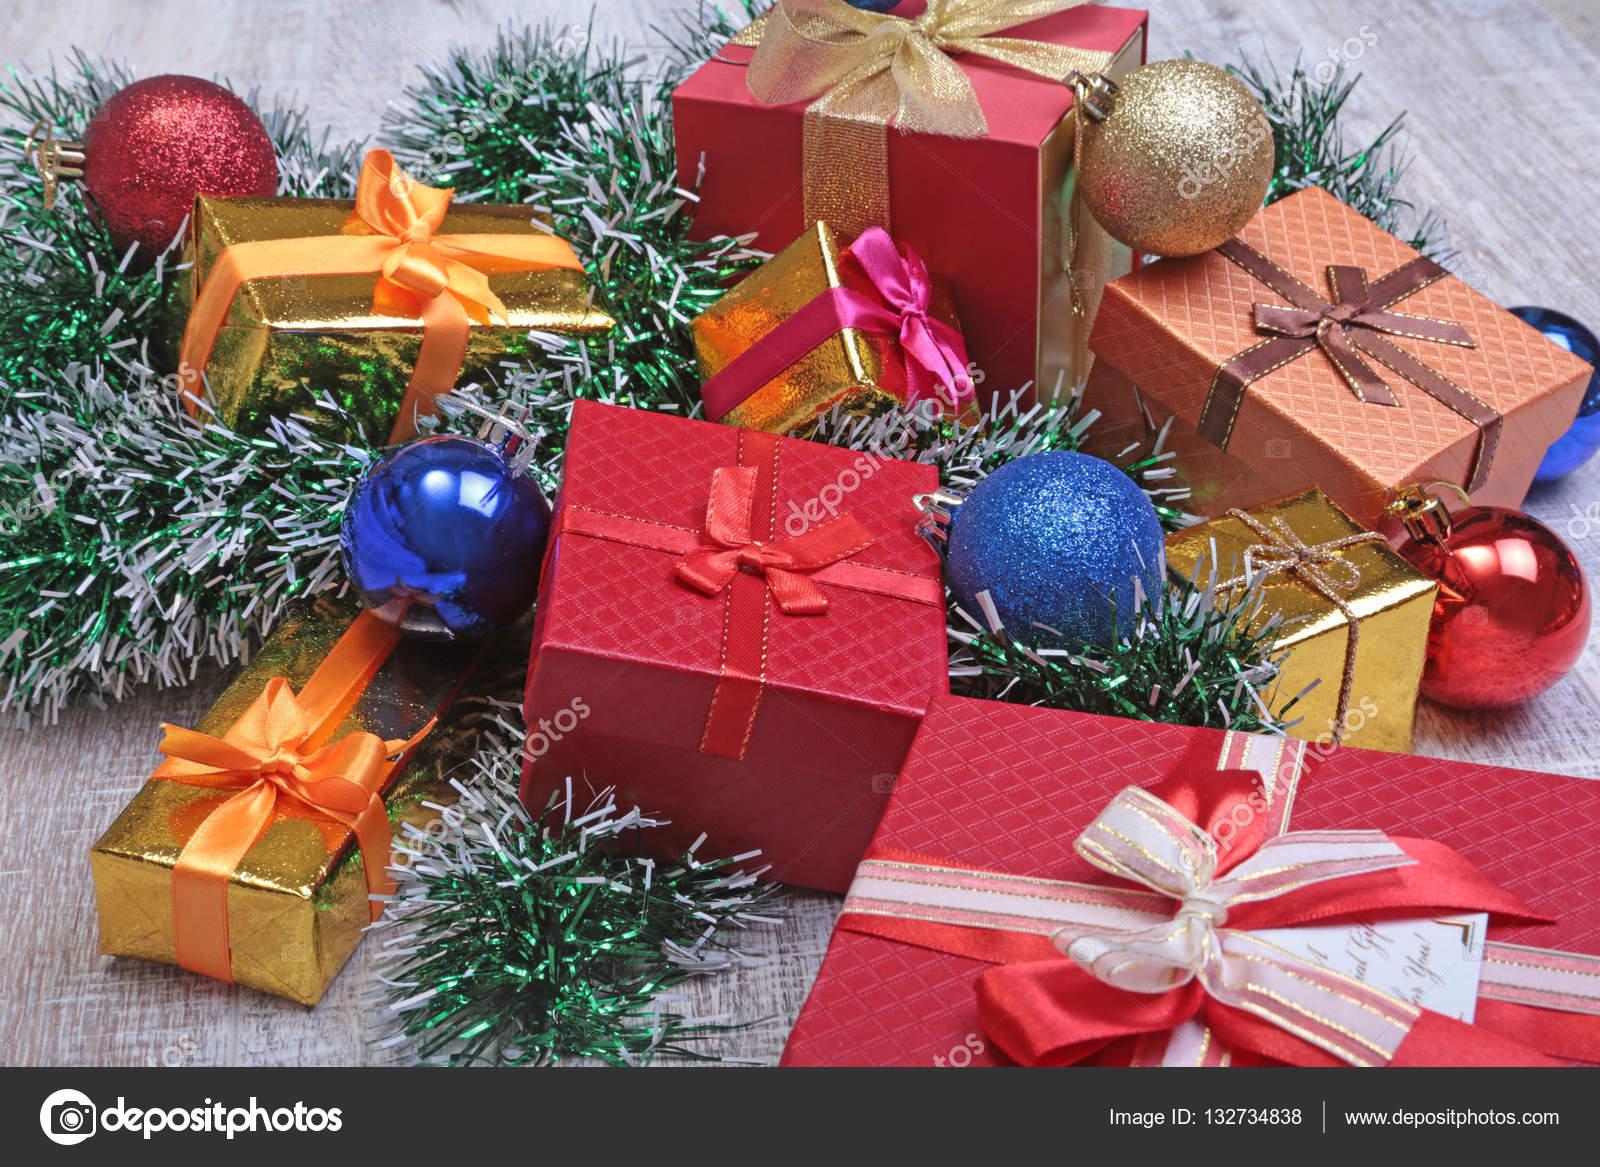 Kerstdecoraties Met Rood : Kerstdecoratie geïsoleerd wit. rode en gouden geschenkdozen met drie